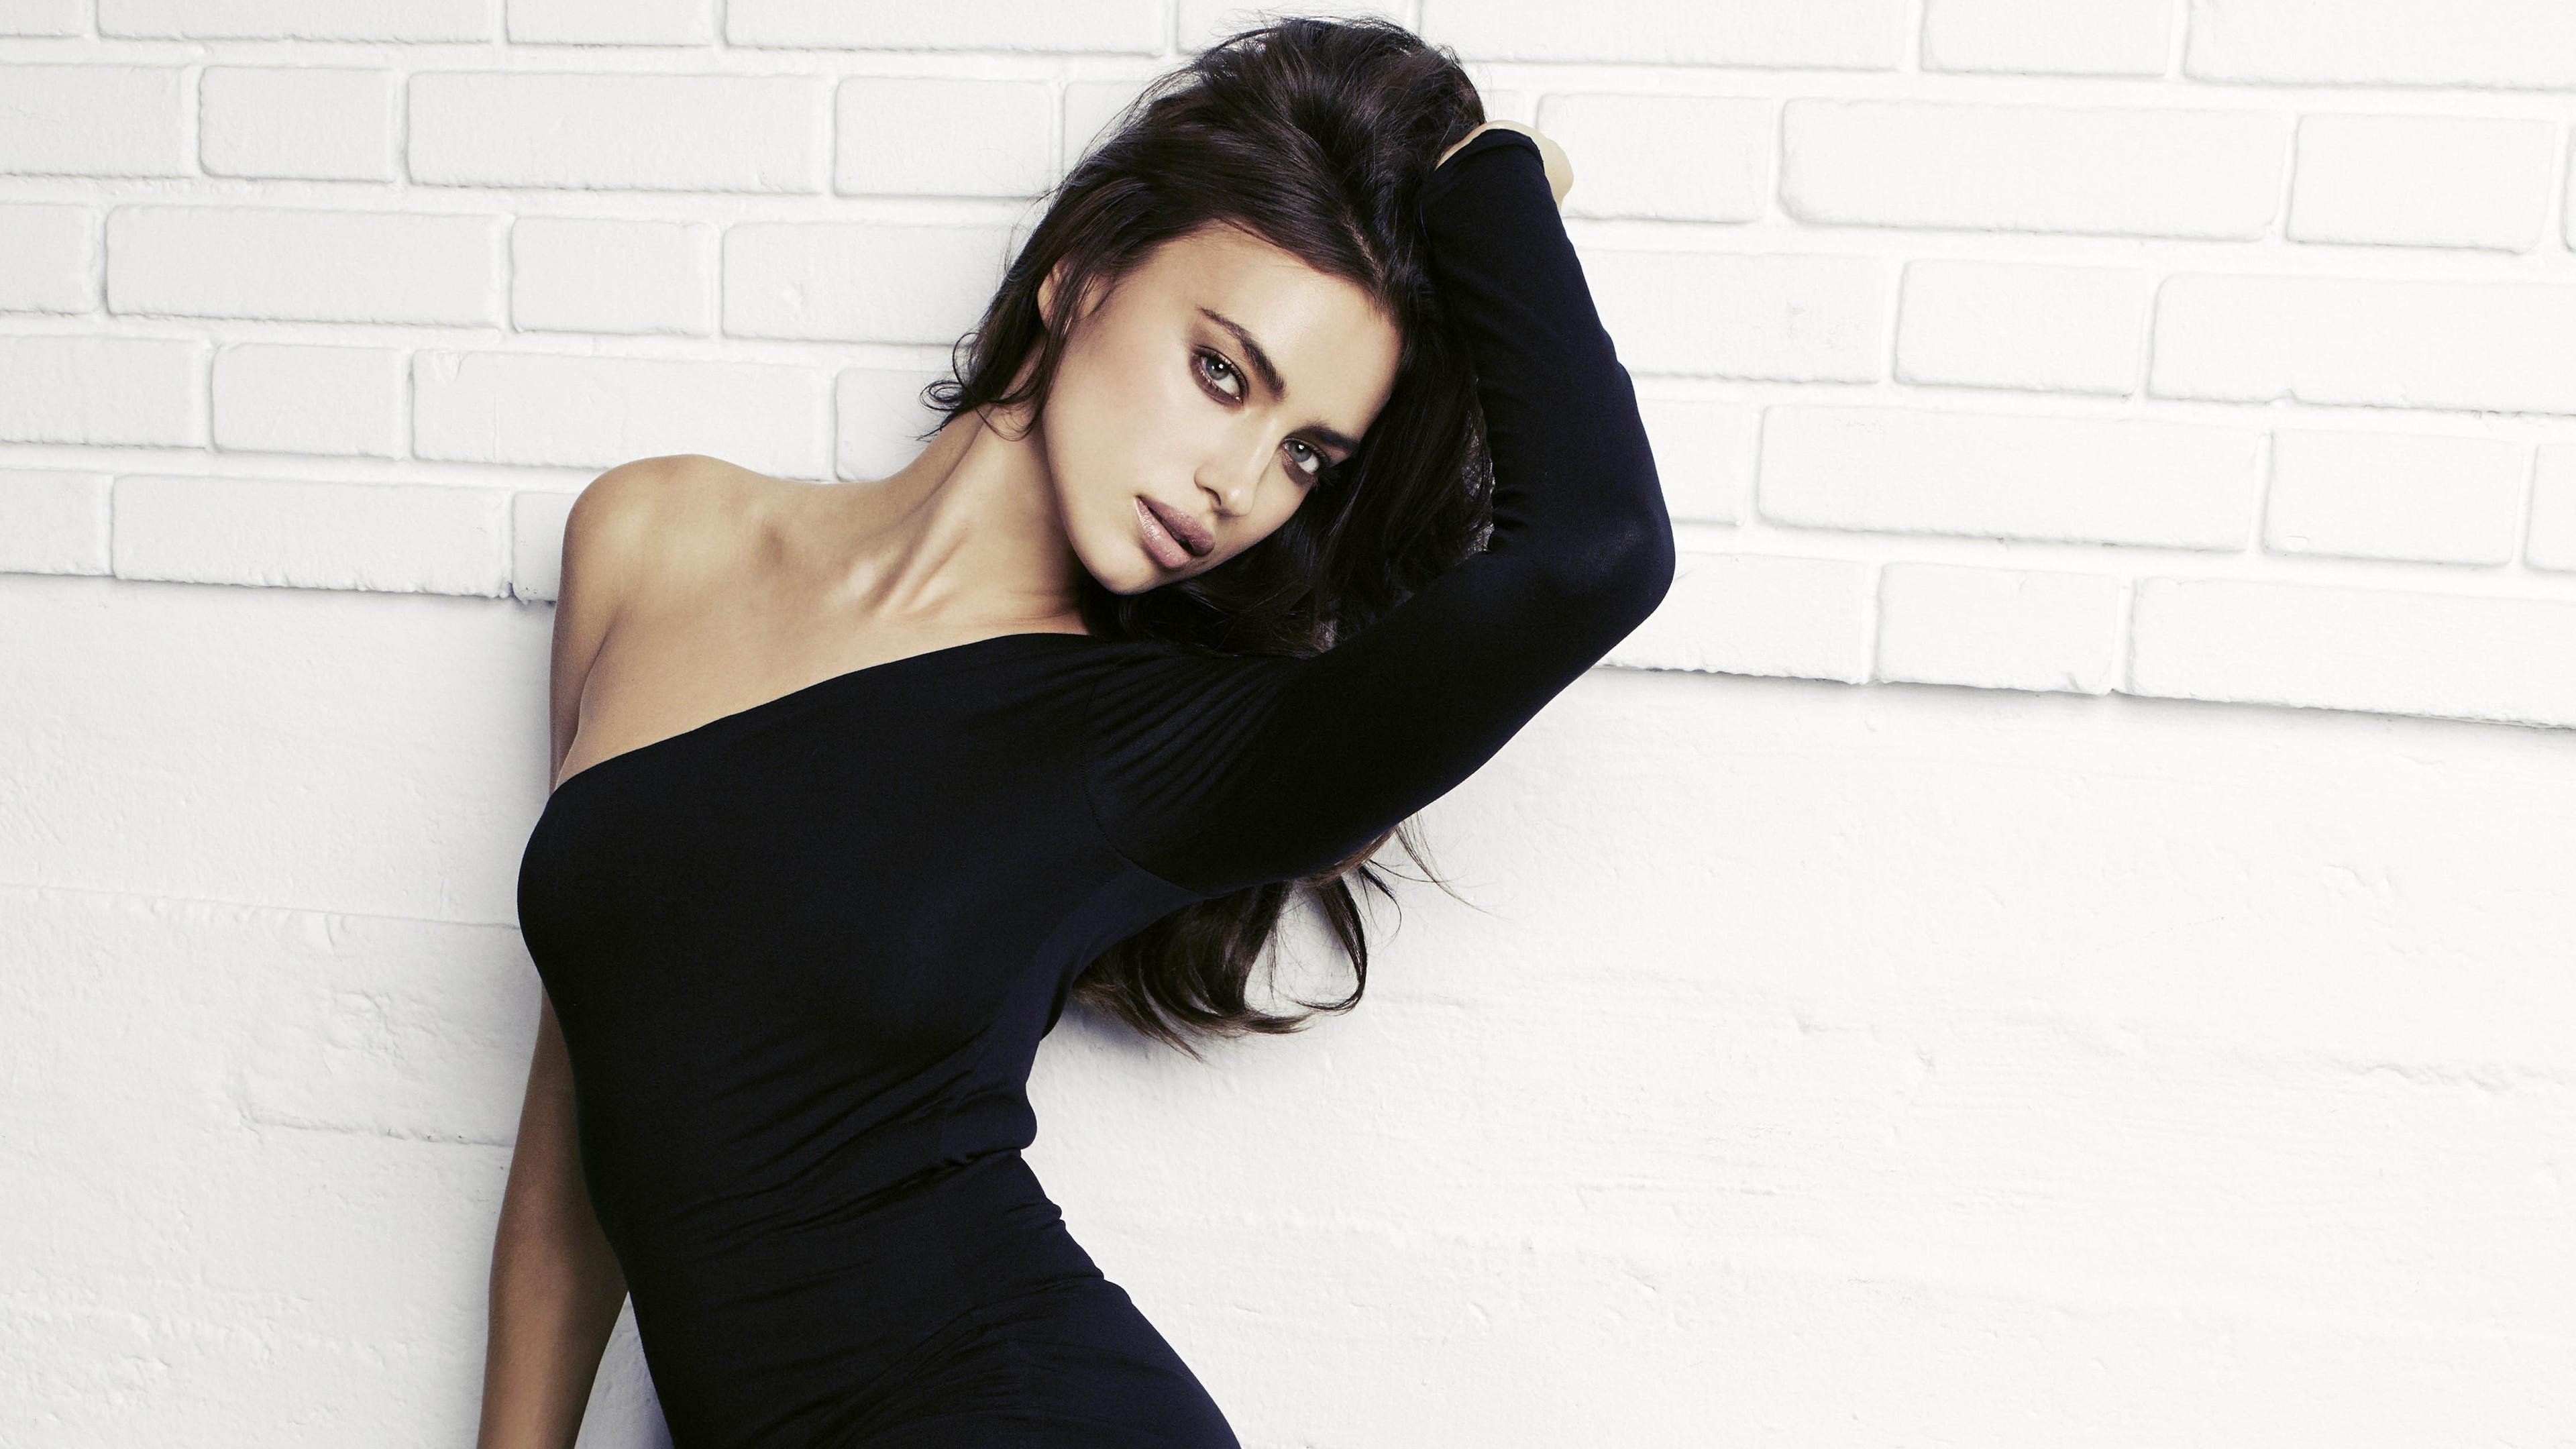 irina shayk 2016 1536857152 - Irina Shayk 2016 - models wallpapers, irina shayk wallpapers, girls wallpapers, celebrities wallpapers